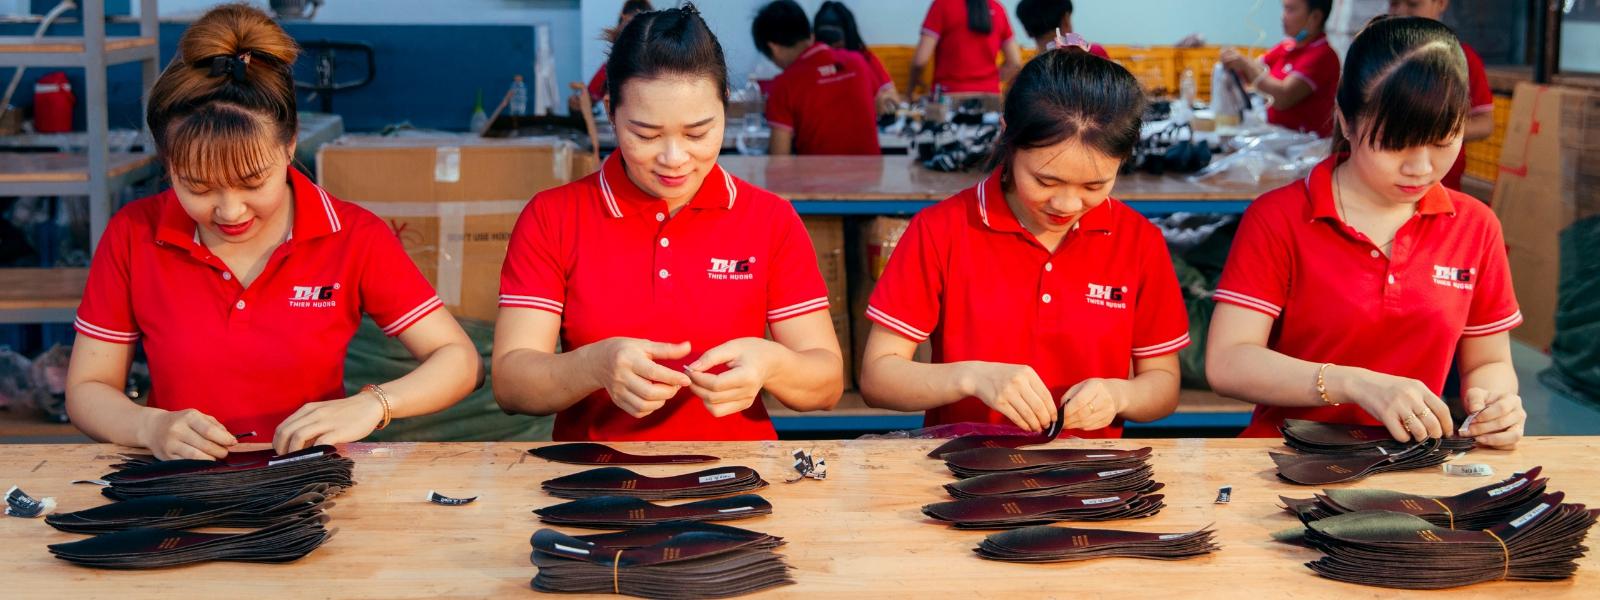 Nhân viên có kinh nghiệm trong sản xuất giày dép